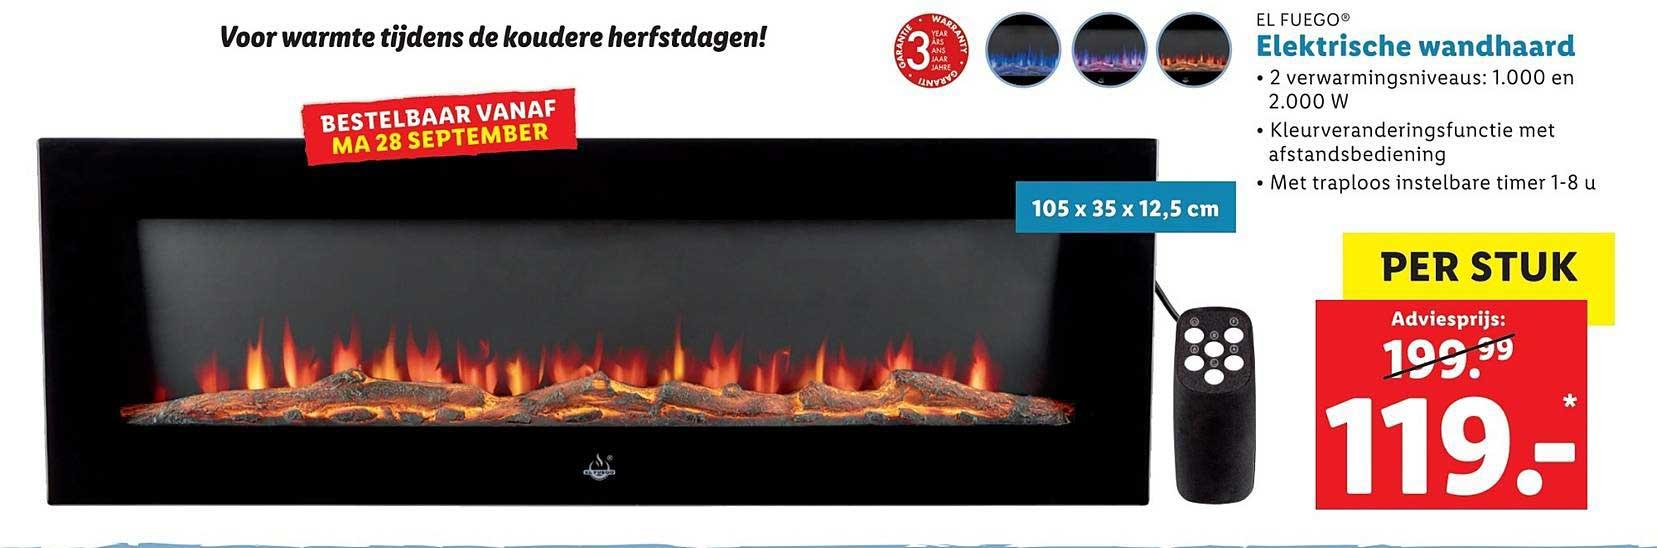 Lidl Shop El Fuego Elektrische Wandhaard